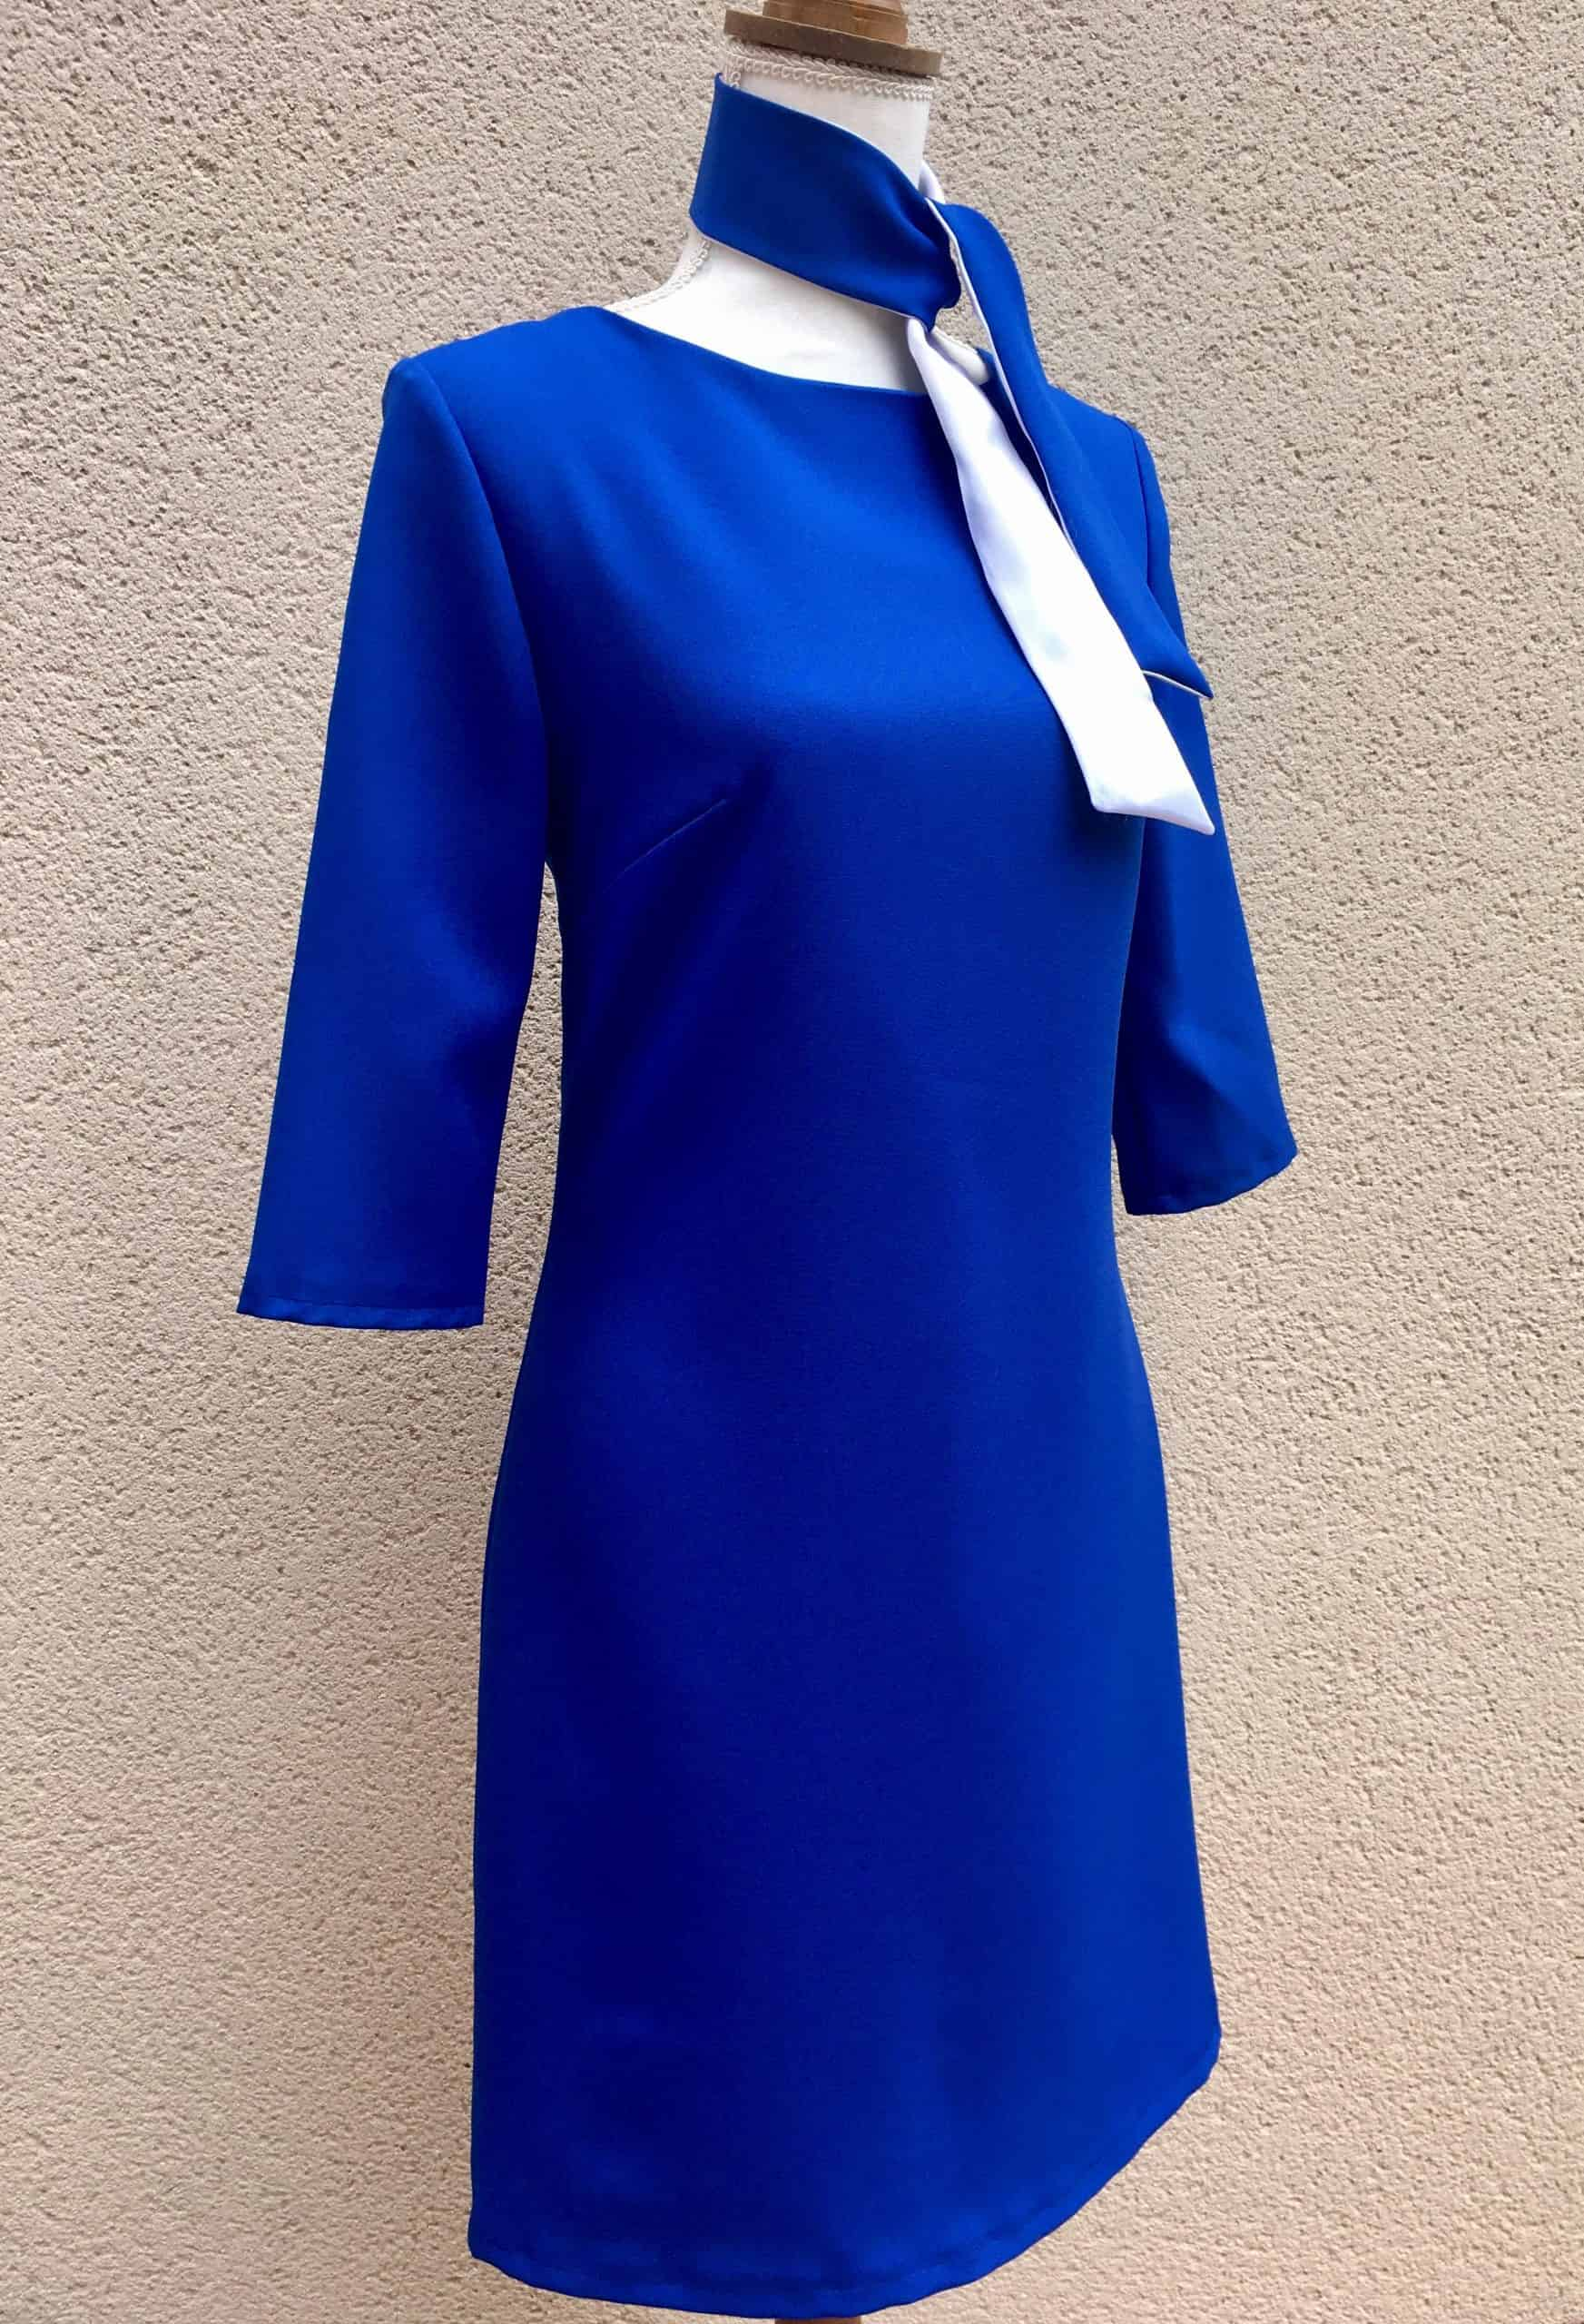 22. Robe droite Bleu Royal foulard bicolore Bleu Royal Blanc.jpg